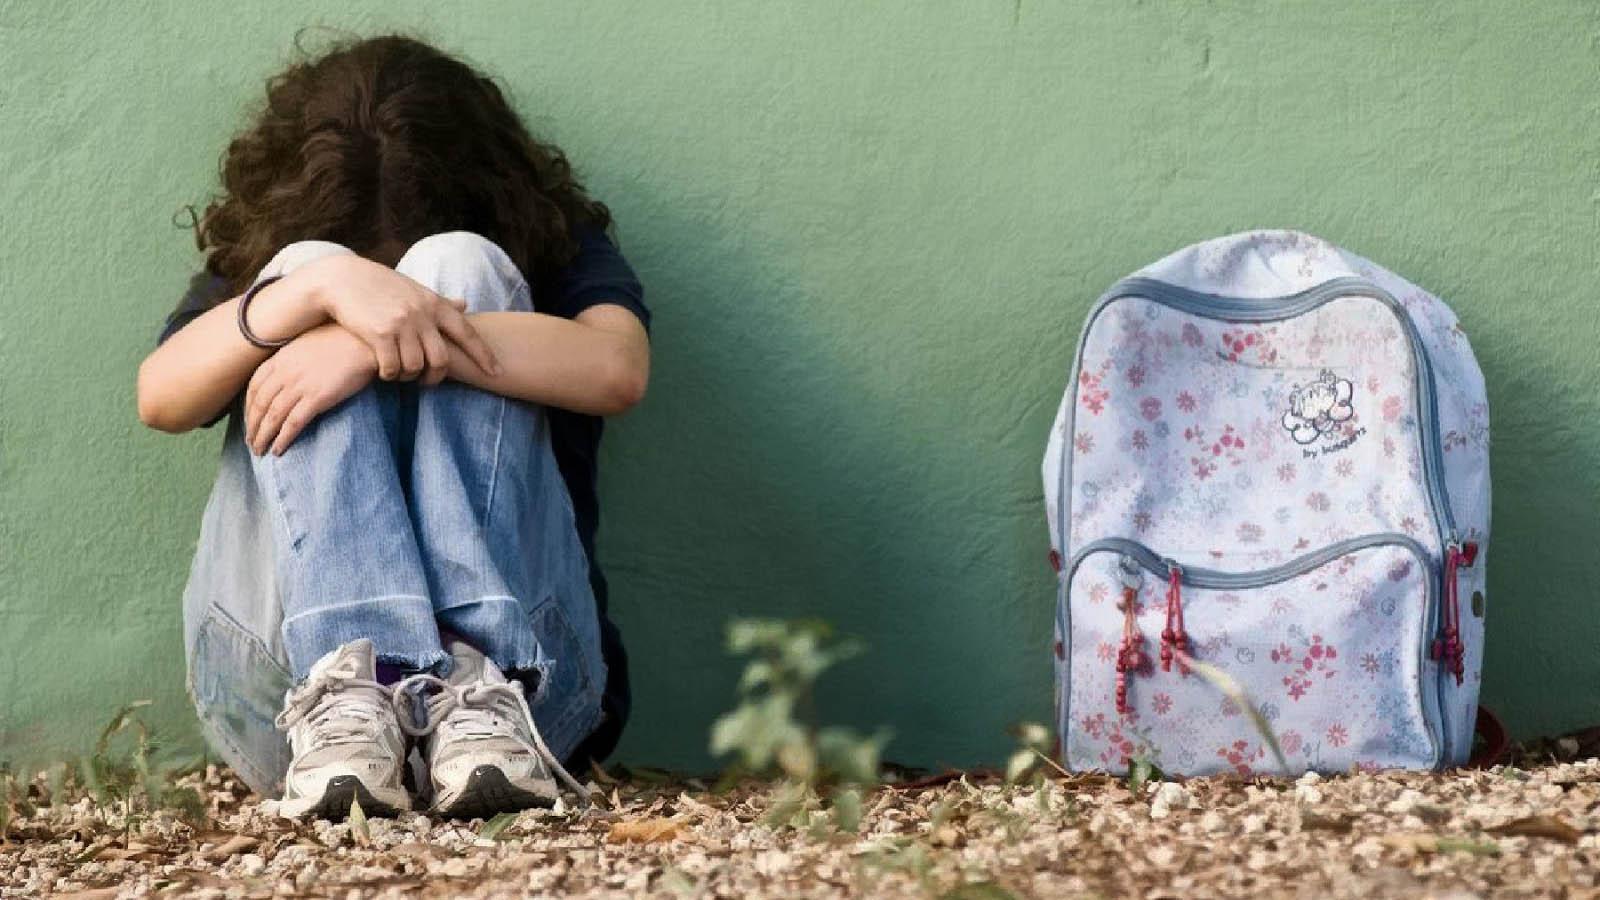 Doble Llave - Venezolana fue víctima de bullying en escuela de Miami